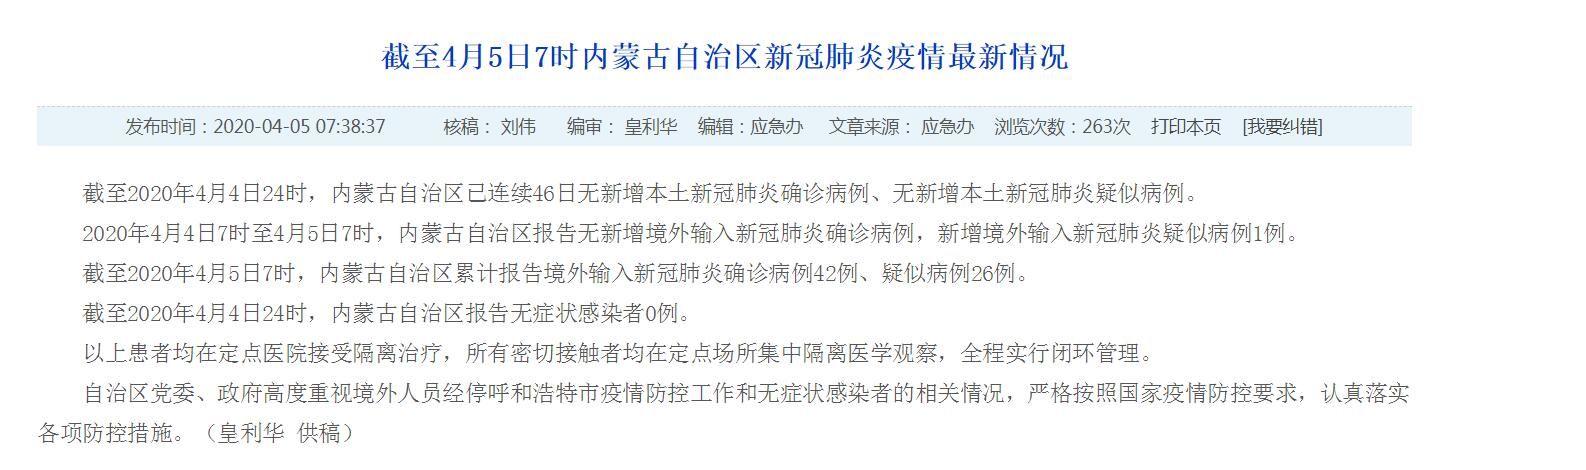 4日7时至5日7时,内蒙古新增境外输入新冠肺炎疑似病例1例